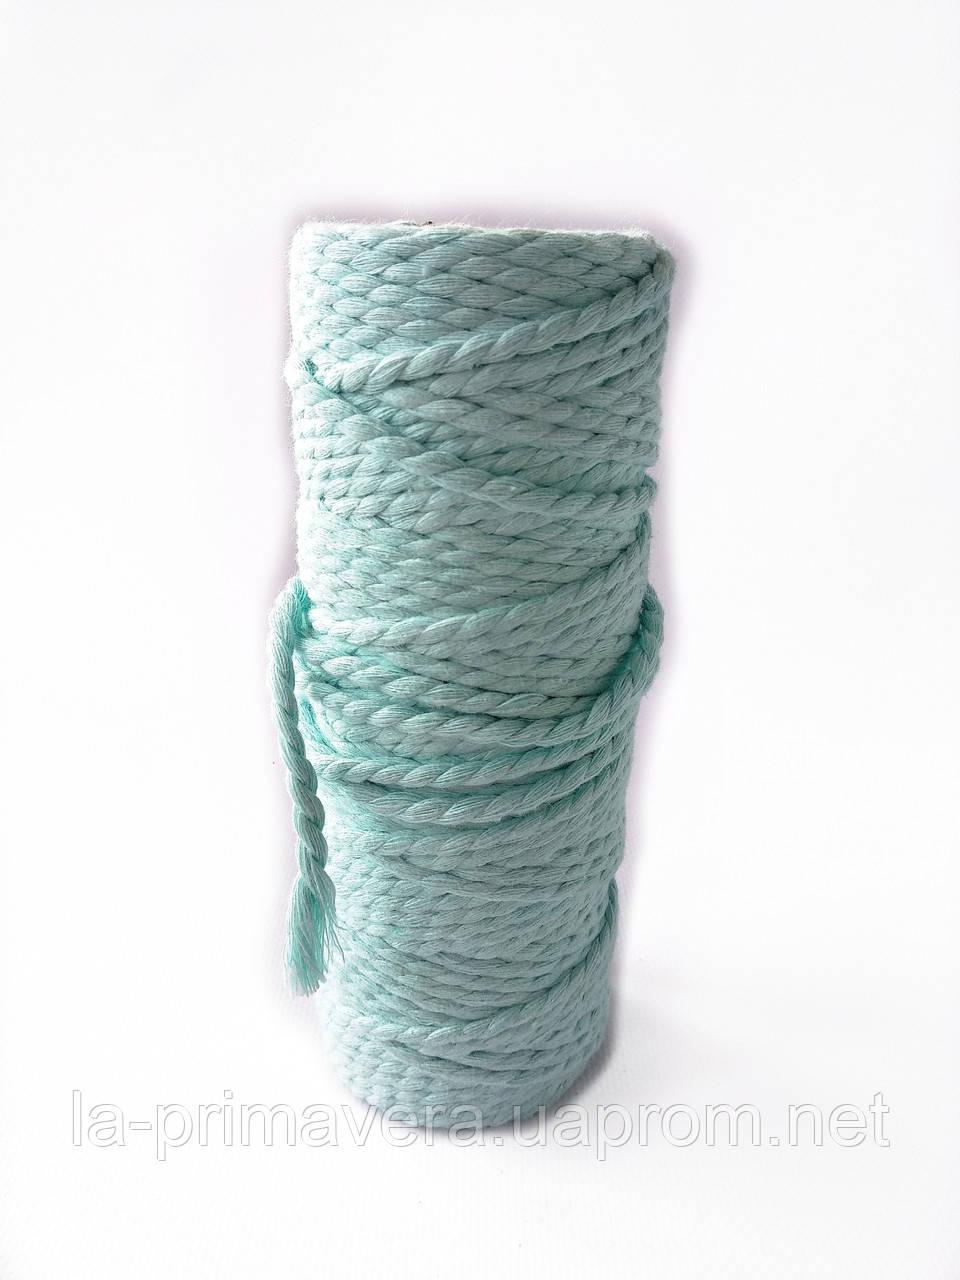 Хлопковая крученая веревка для вязания 4 мм мятного цвета